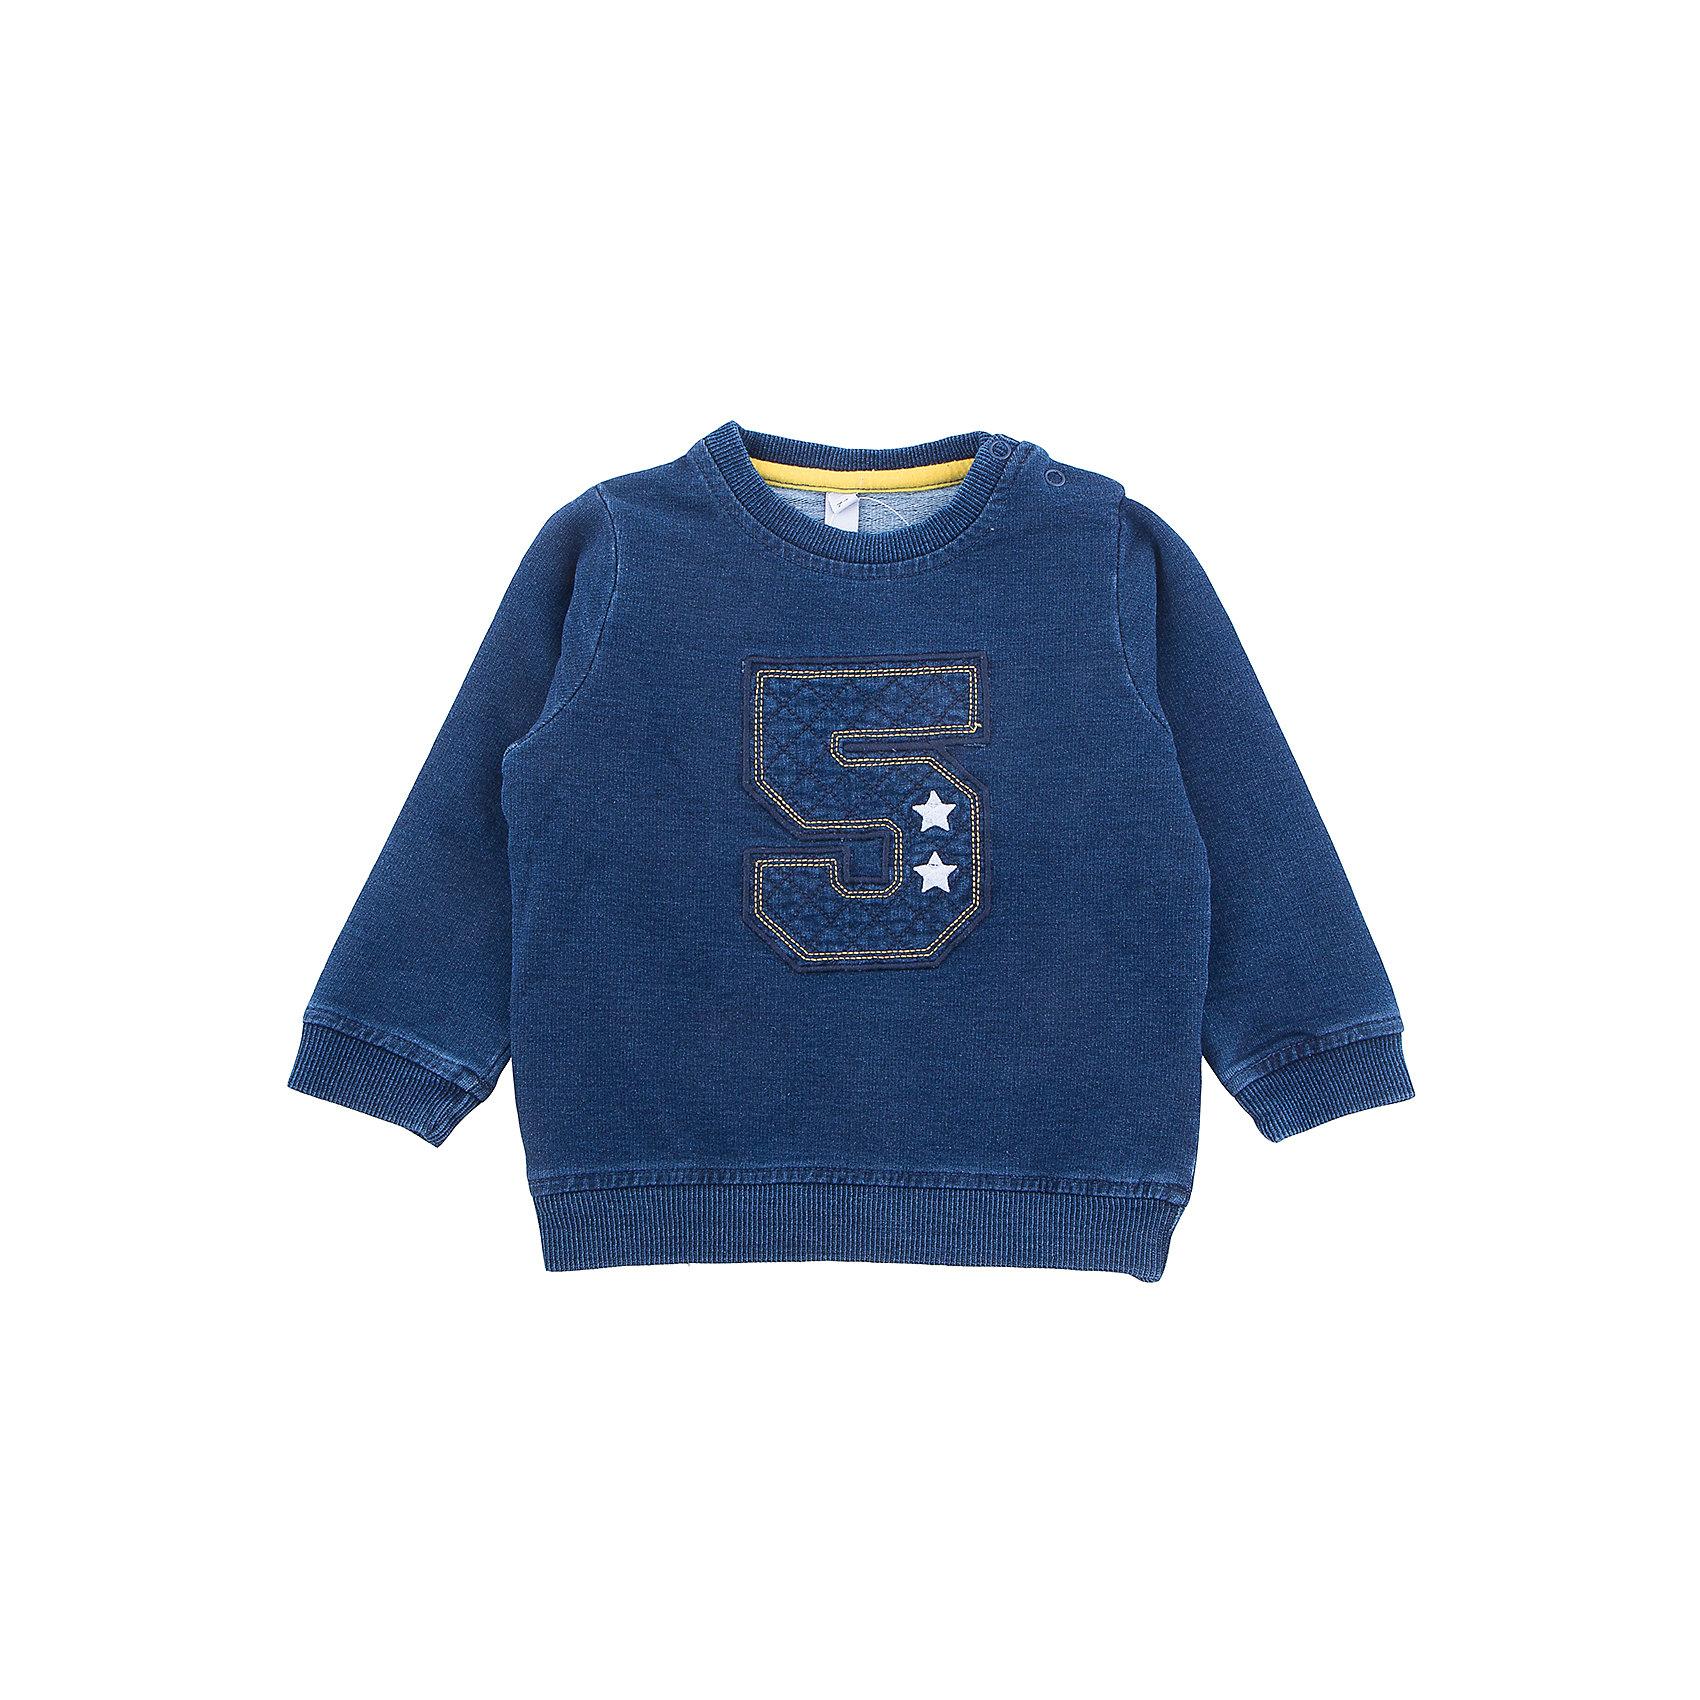 Толстовка PlayToday для мальчикаТолстовки, свитера, кардиганы<br>Толстовка PlayToday для мальчика<br>Практичная толстовка - отличное дополнение к повседневному гардеробу ребенка. Горловина, манжеты и низ изделия на мягких трикотажных резинках. Модель декорирована принтом. Для удобства снимания и одевания на горловине изделия расположены застежки - кнопки.<br>Состав:<br>80% хлопок, 20% полиэстер<br><br>Ширина мм: 190<br>Глубина мм: 74<br>Высота мм: 229<br>Вес г: 236<br>Цвет: синий<br>Возраст от месяцев: 18<br>Возраст до месяцев: 24<br>Пол: Мужской<br>Возраст: Детский<br>Размер: 92,86,74,80<br>SKU: 7109745